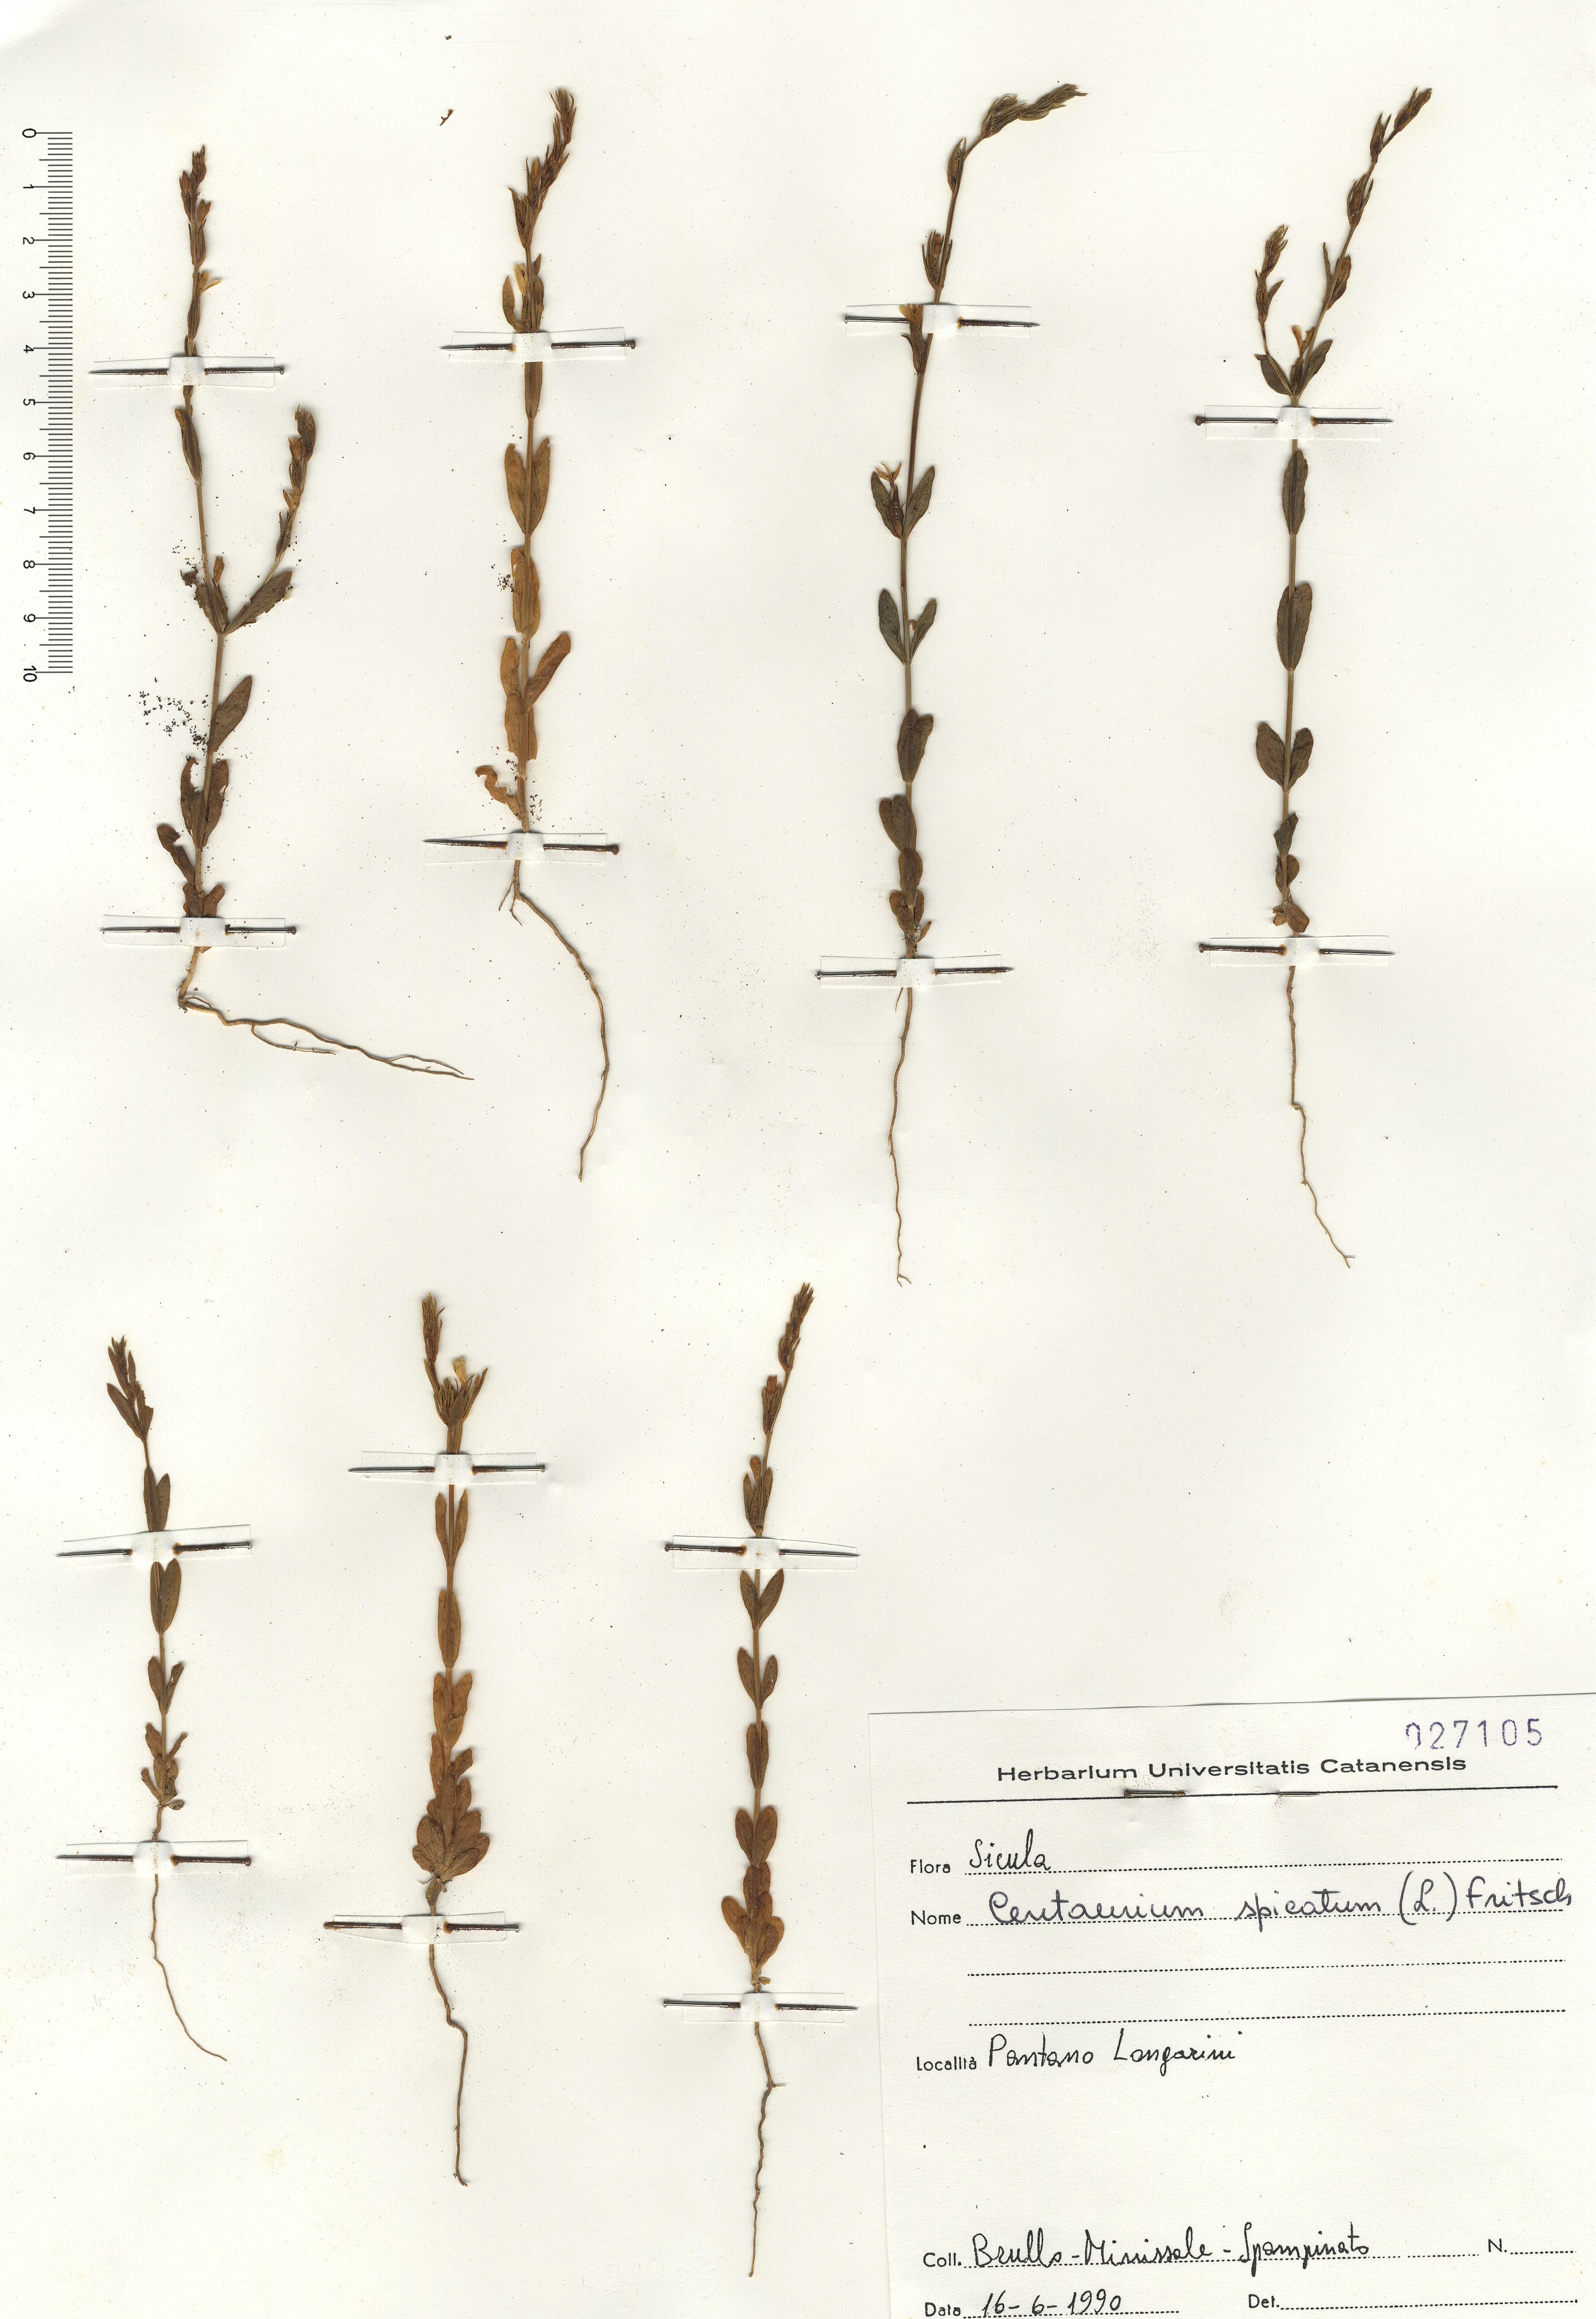 © Hortus Botanicus Catinensis - Herb.sheet 027105<br>